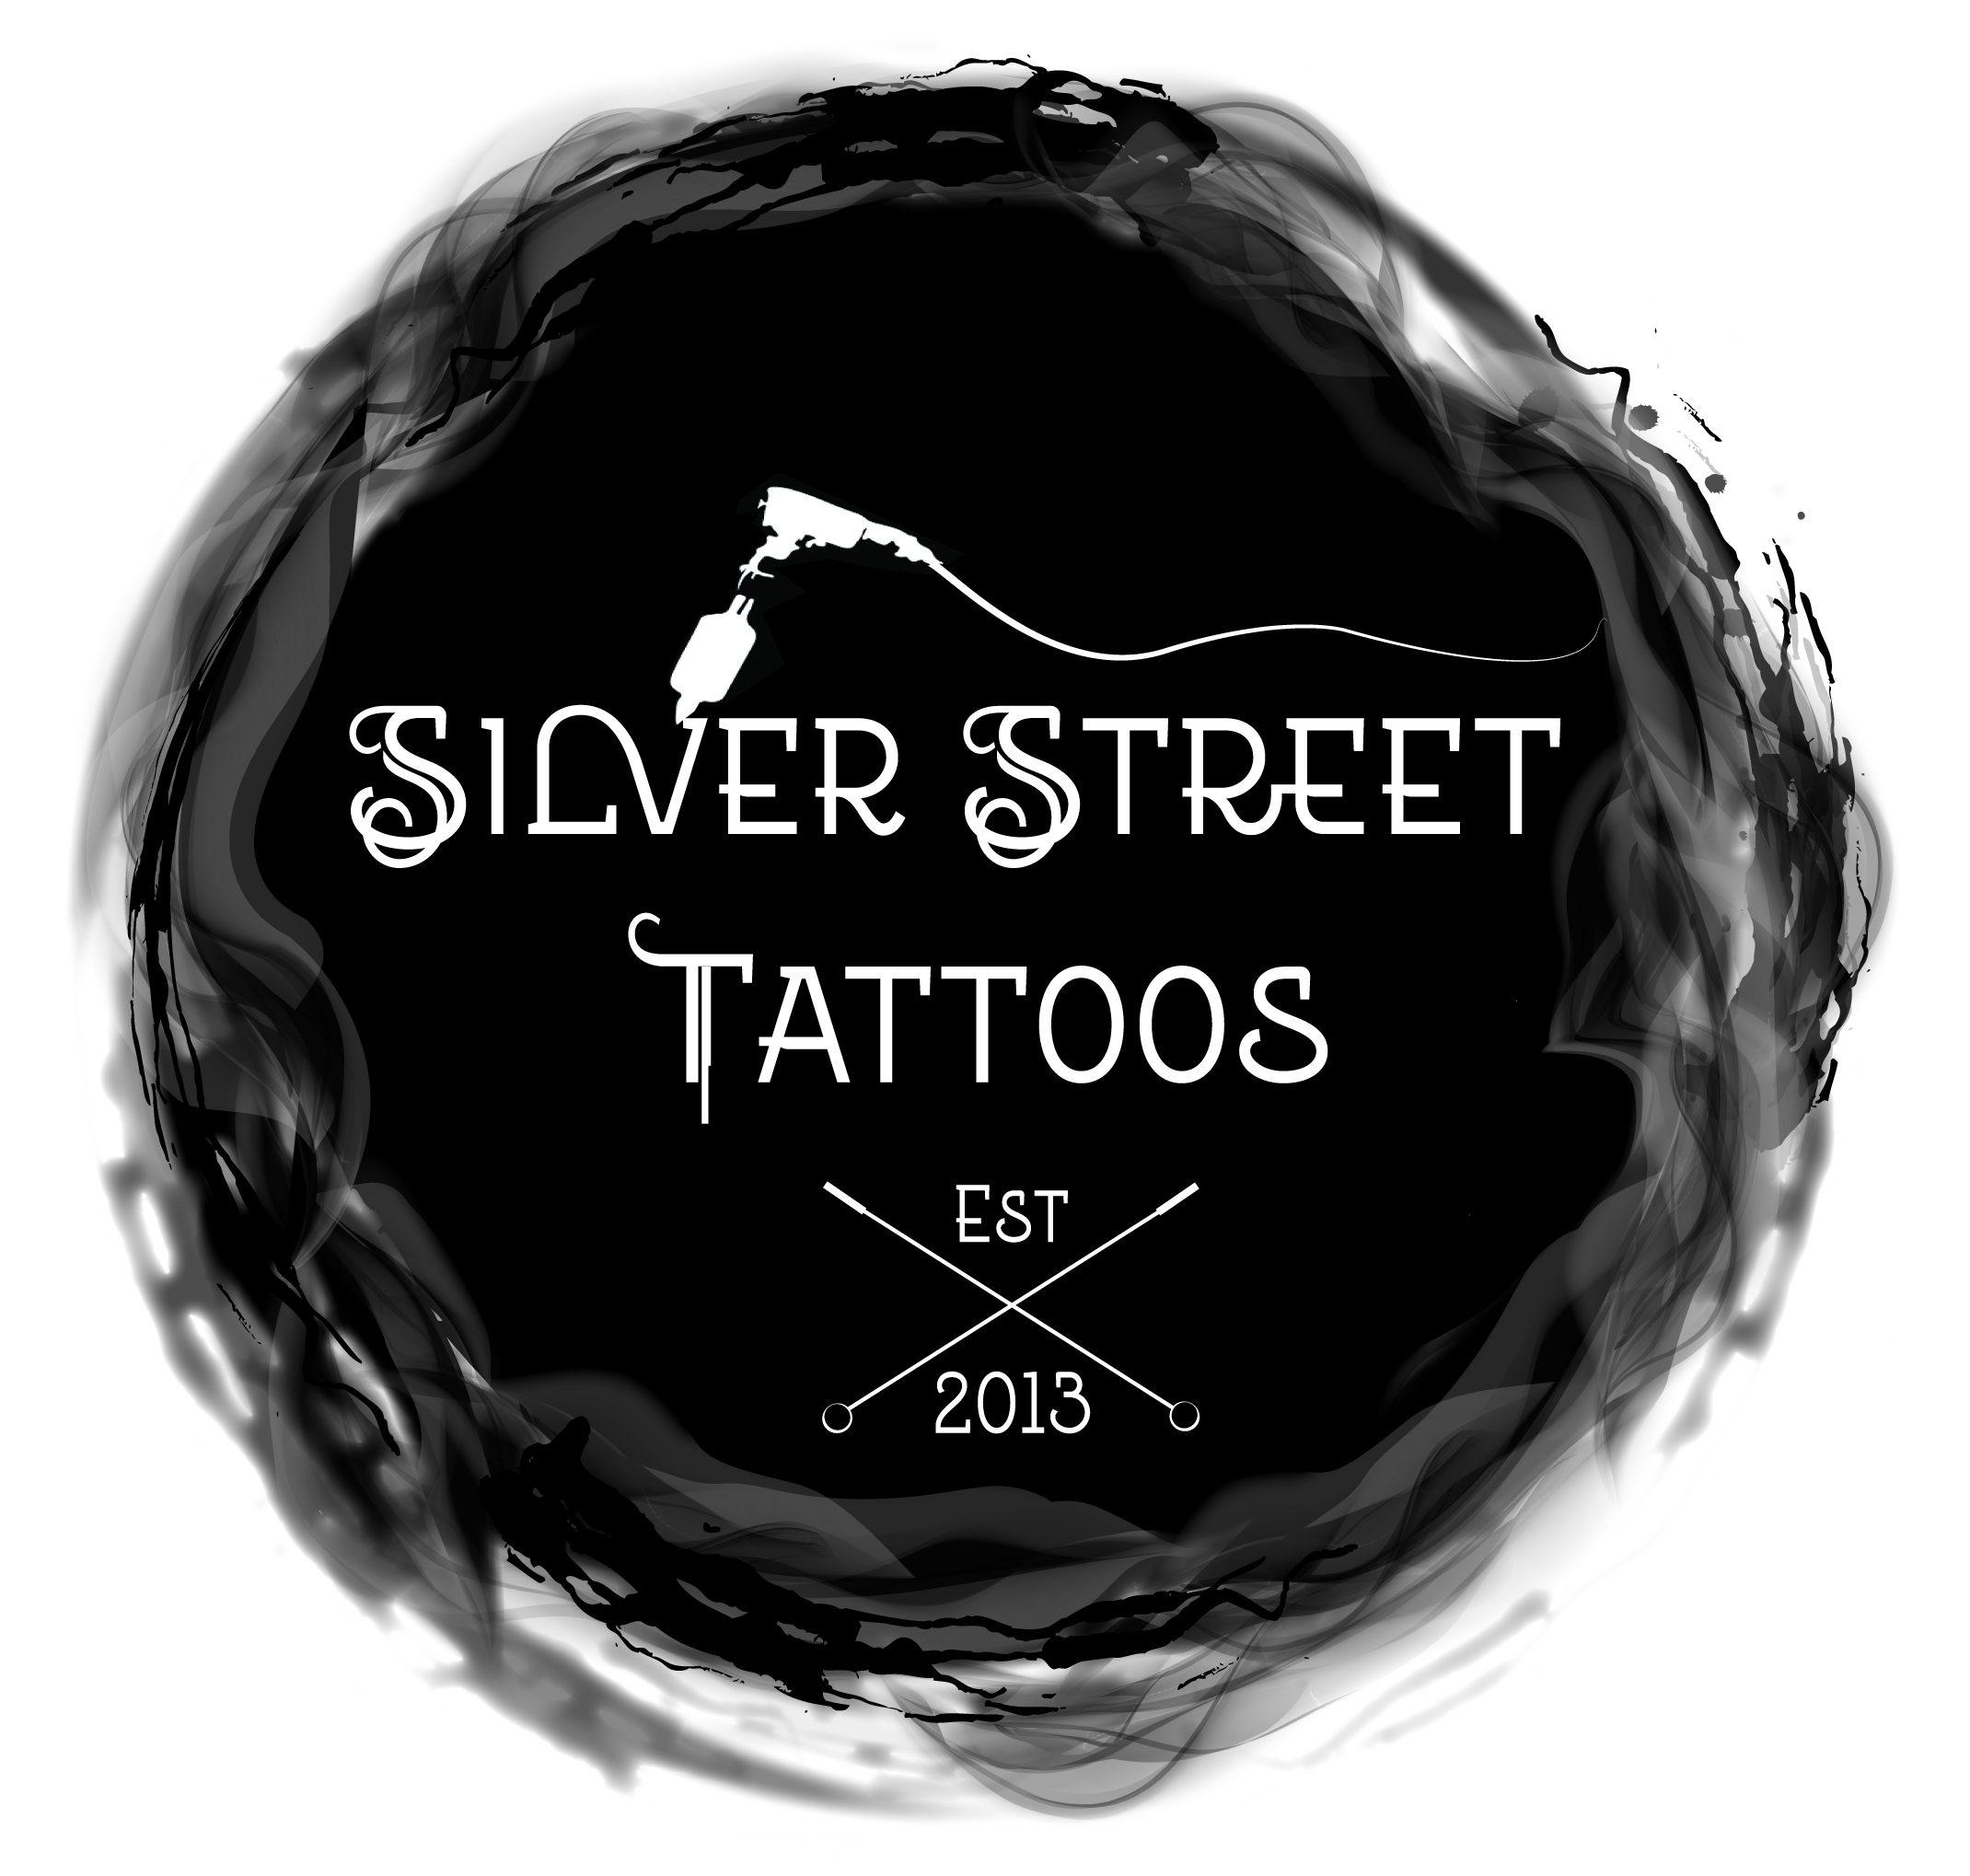 Silver Street Tattoos